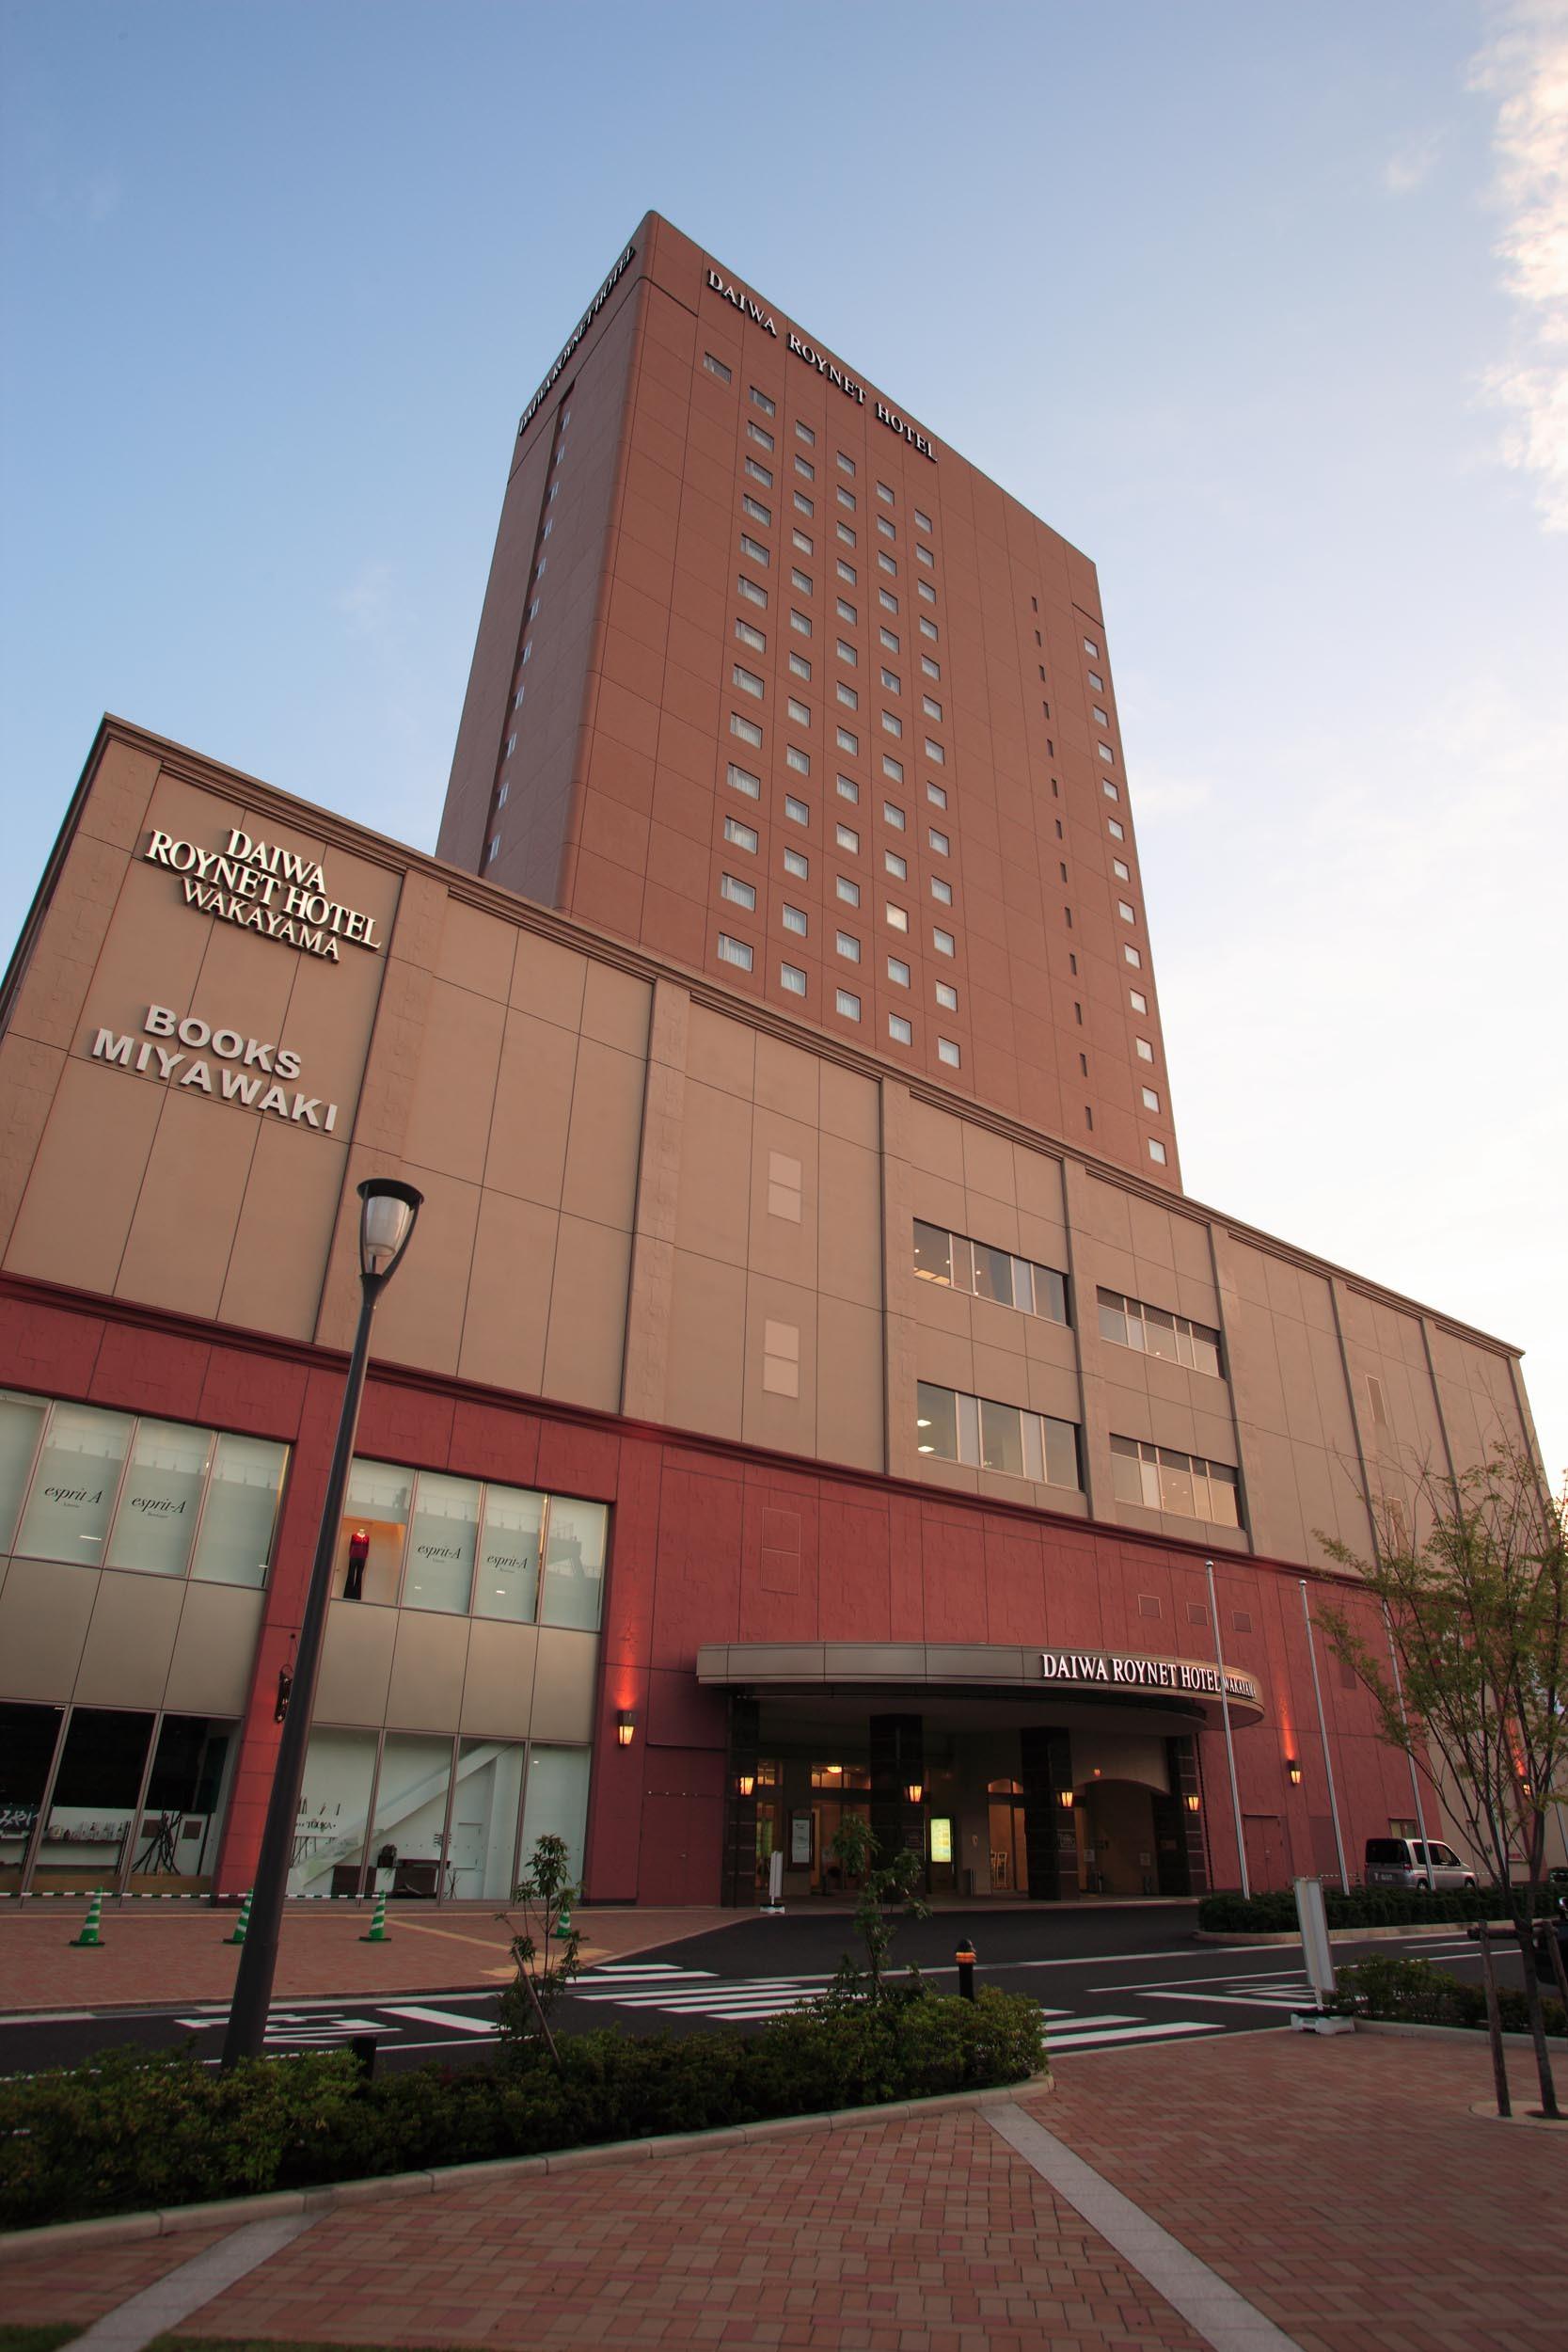 ダイワロイネットホテル和歌山 ボールルーム(シアター)の外観の写真